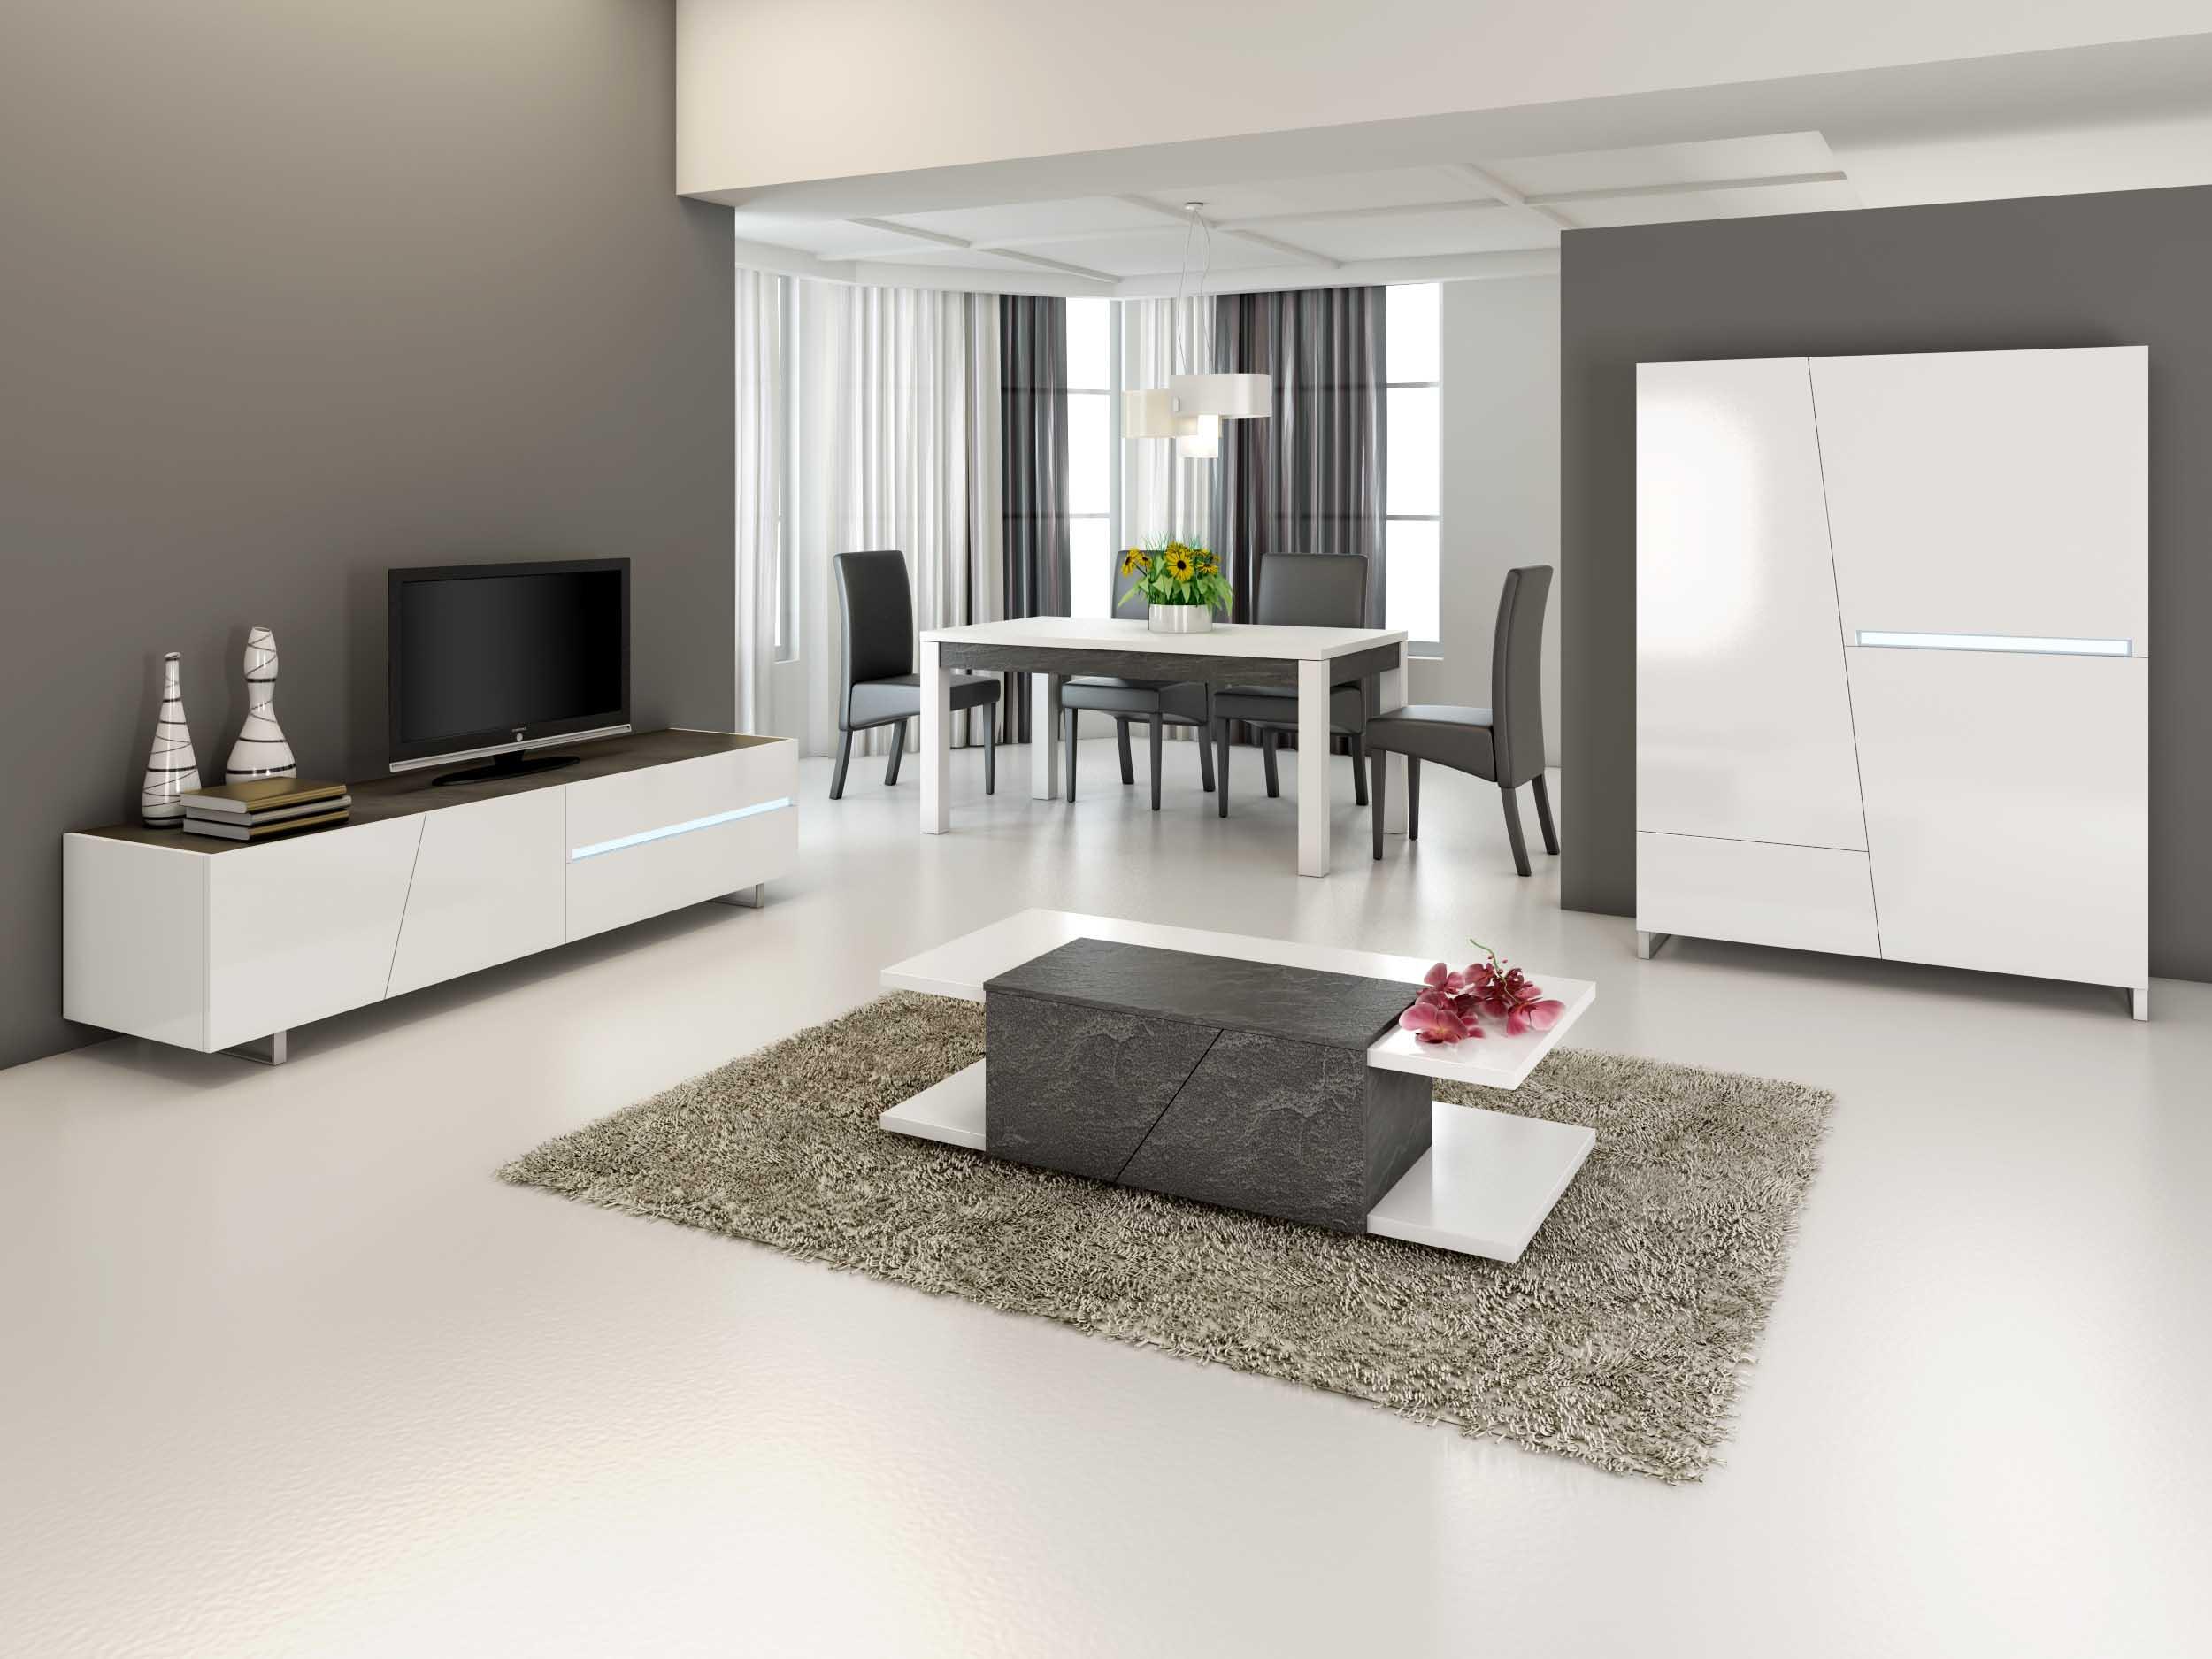 salle manger cooper nkl meuble wassa et deco. Black Bedroom Furniture Sets. Home Design Ideas